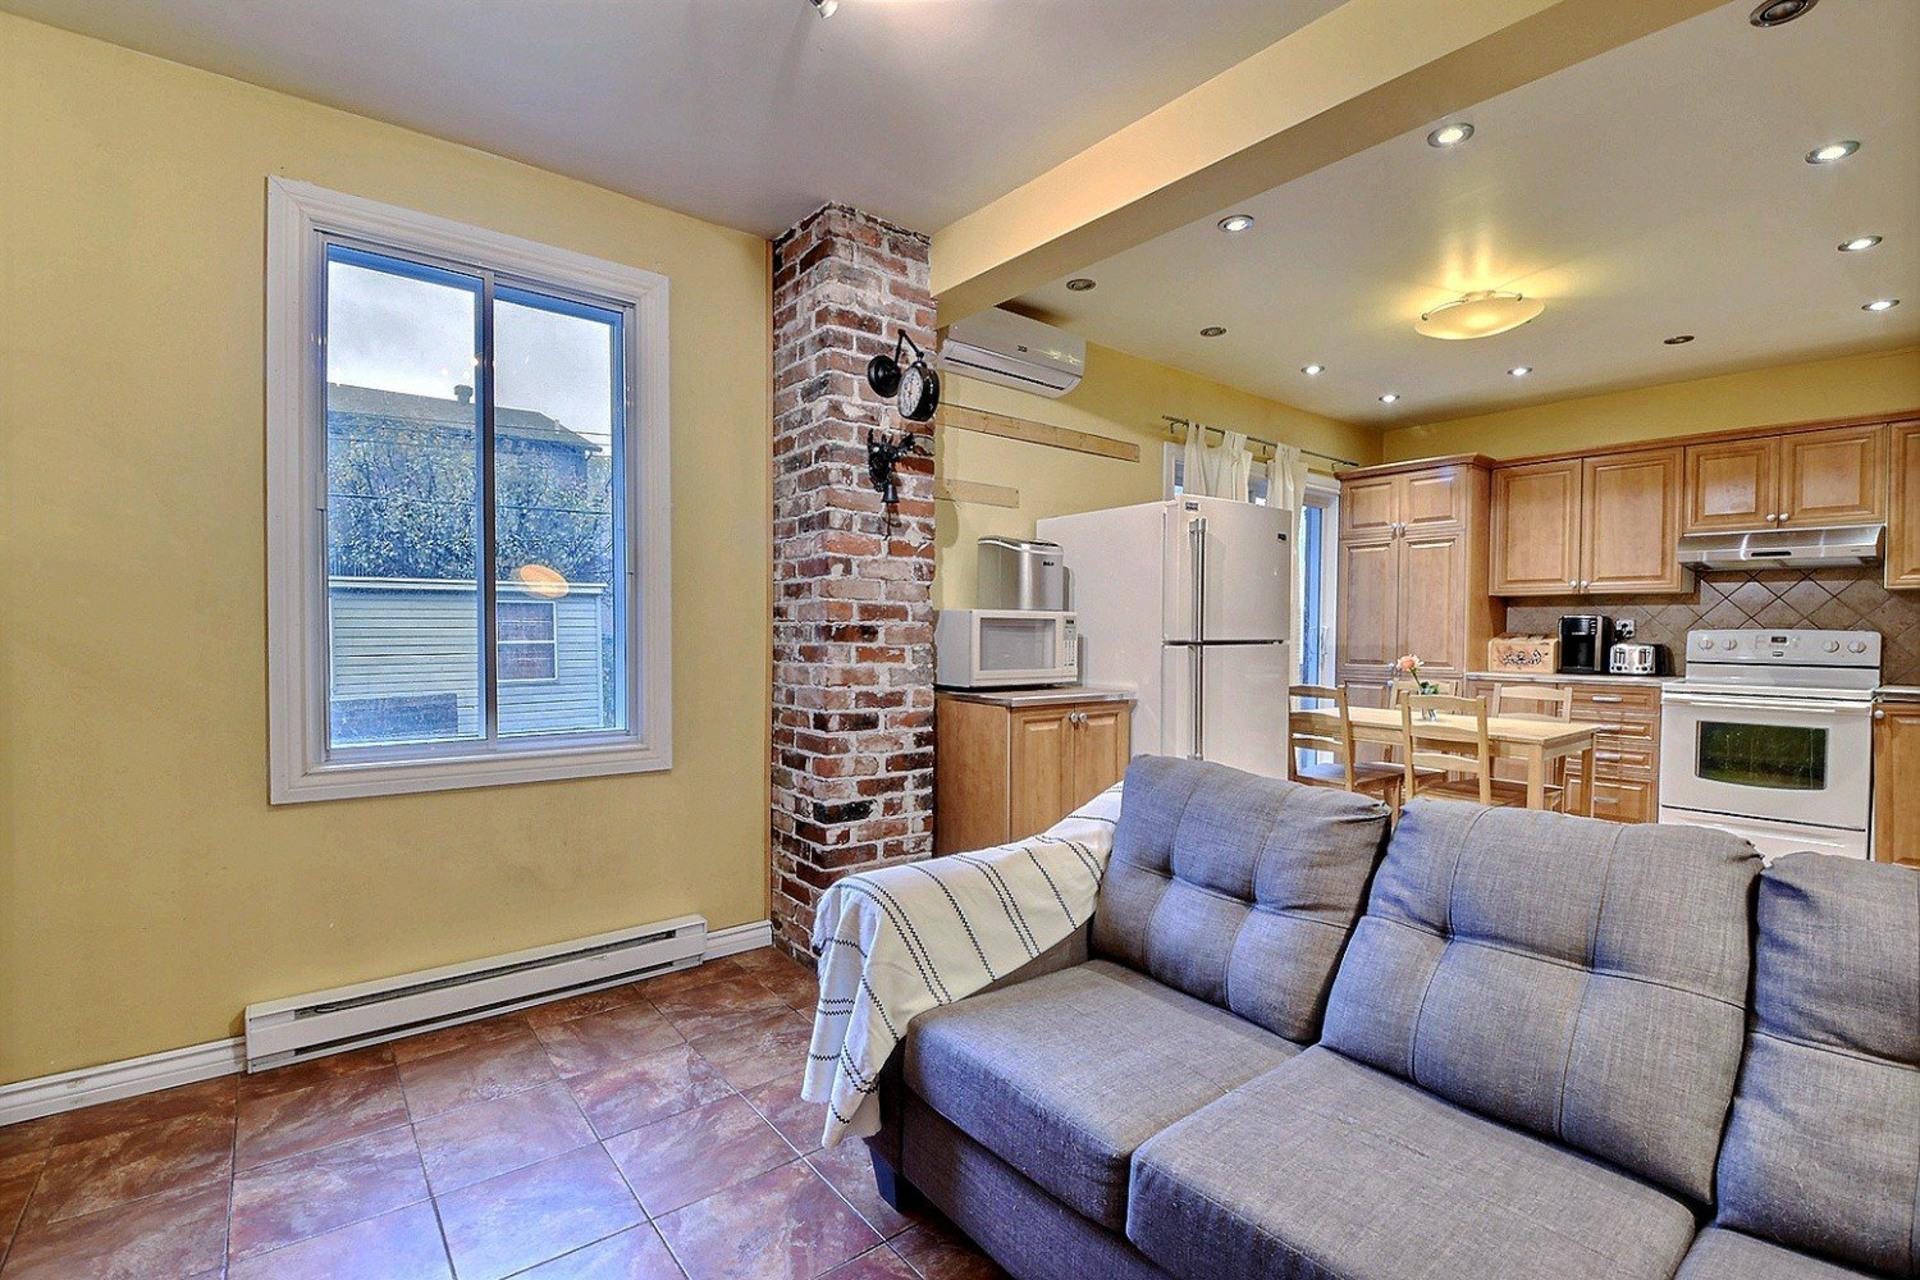 image 6 - Duplex For sale Lachine Montréal  - 6 rooms